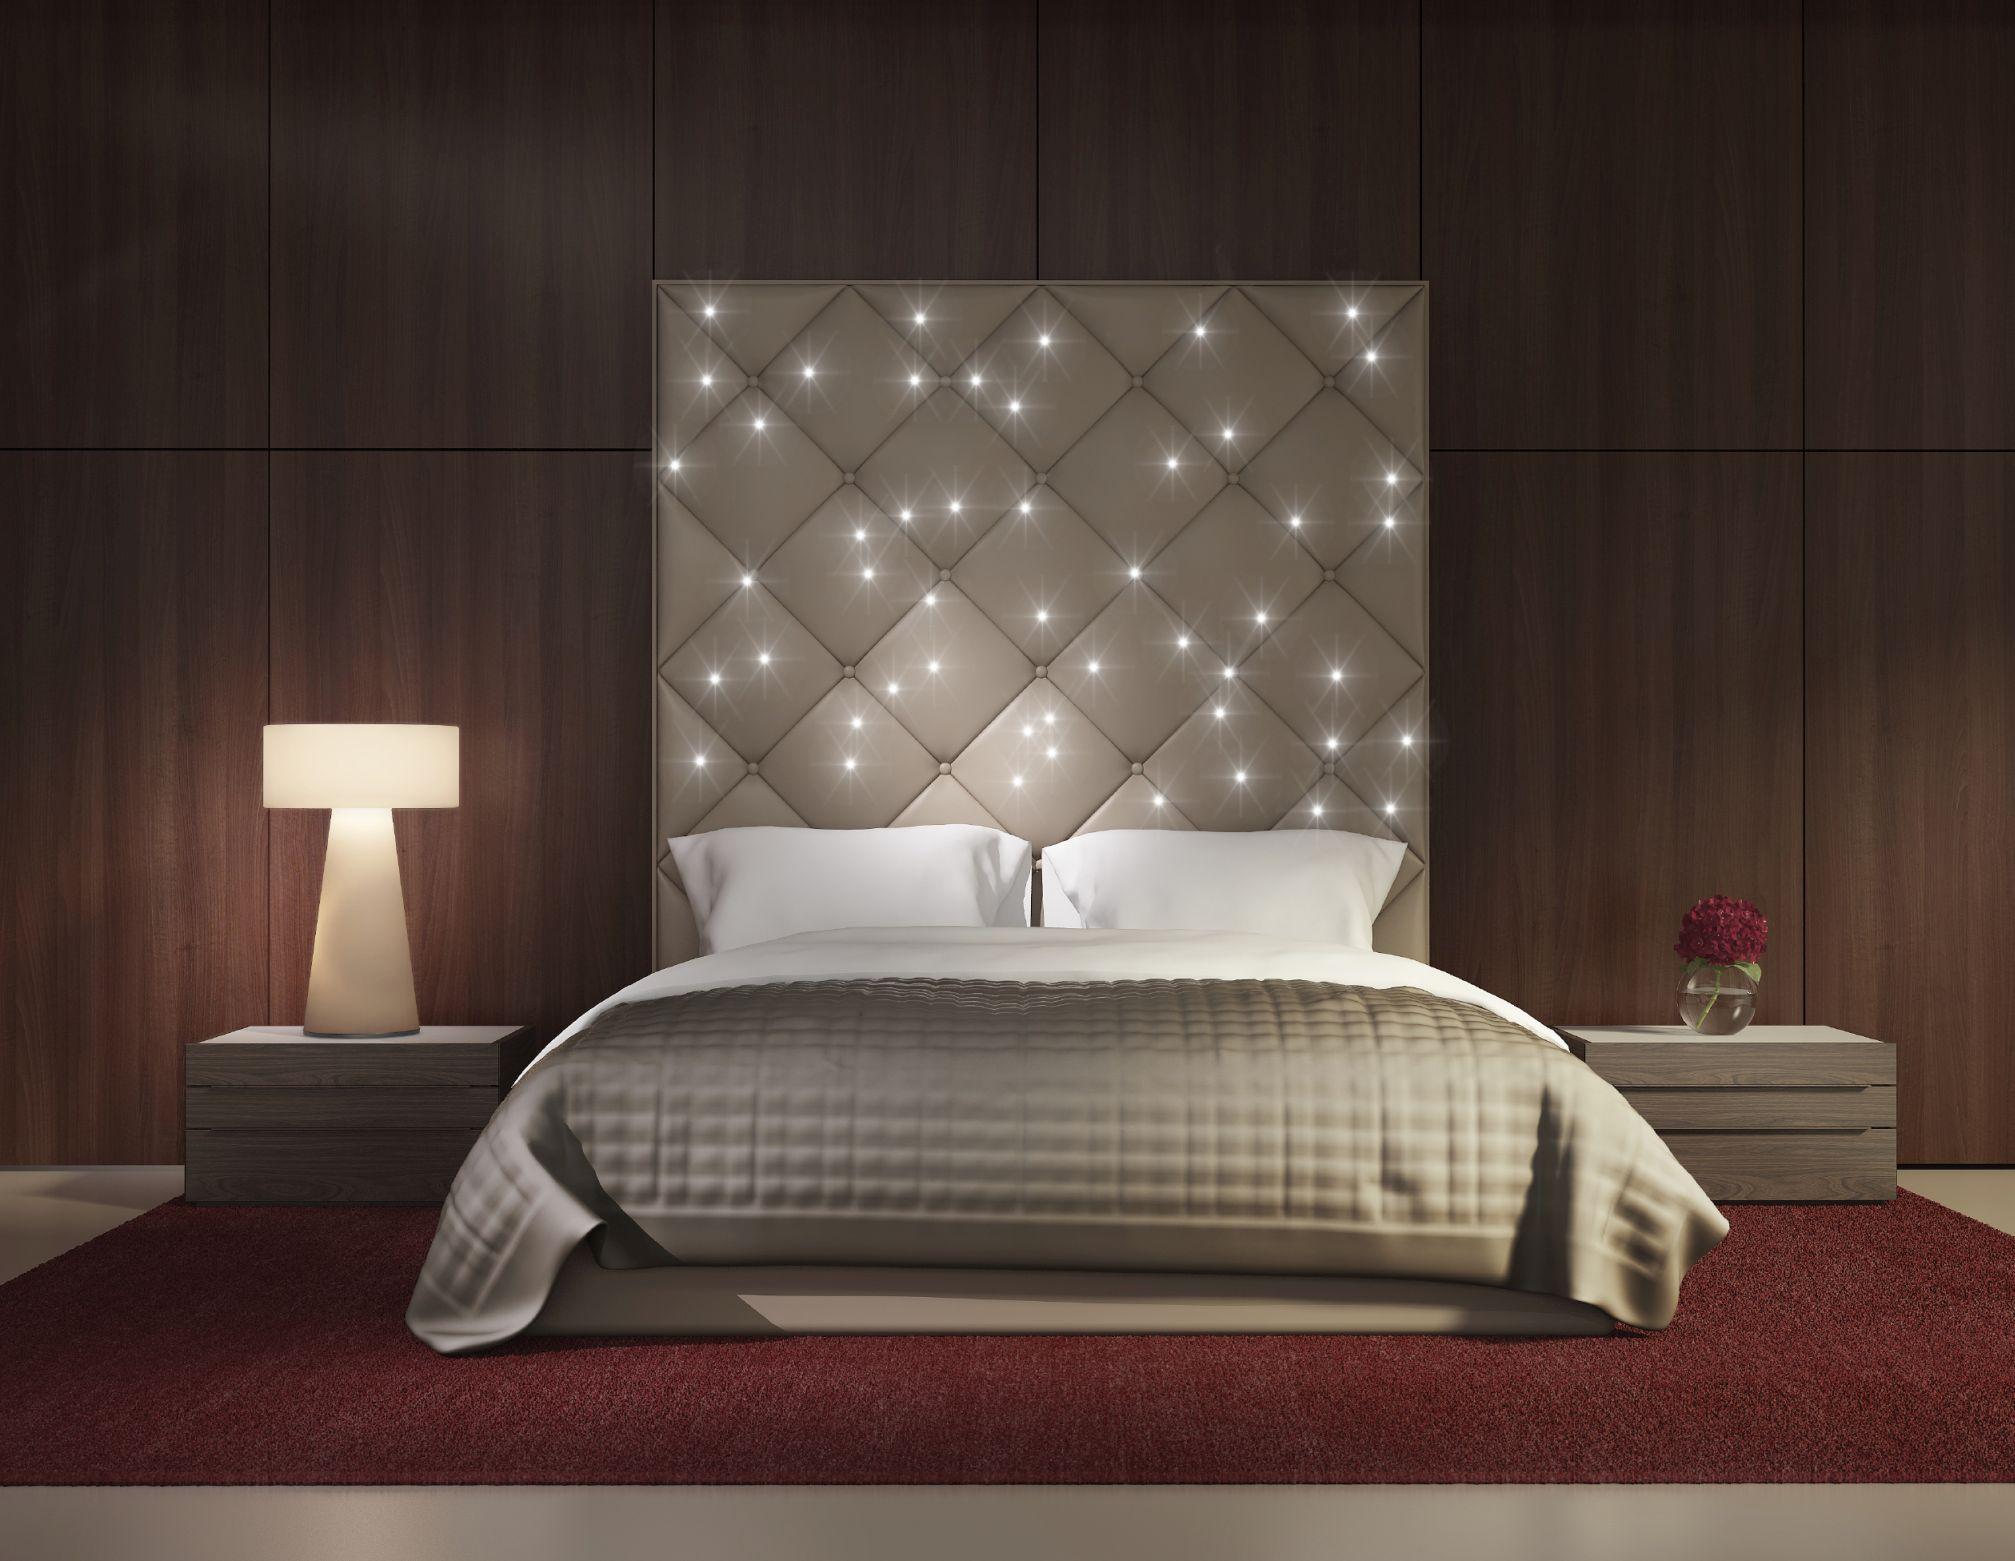 PIXLUM LED Sternenhimmel und PIXLUM LED Lichtdekorationen